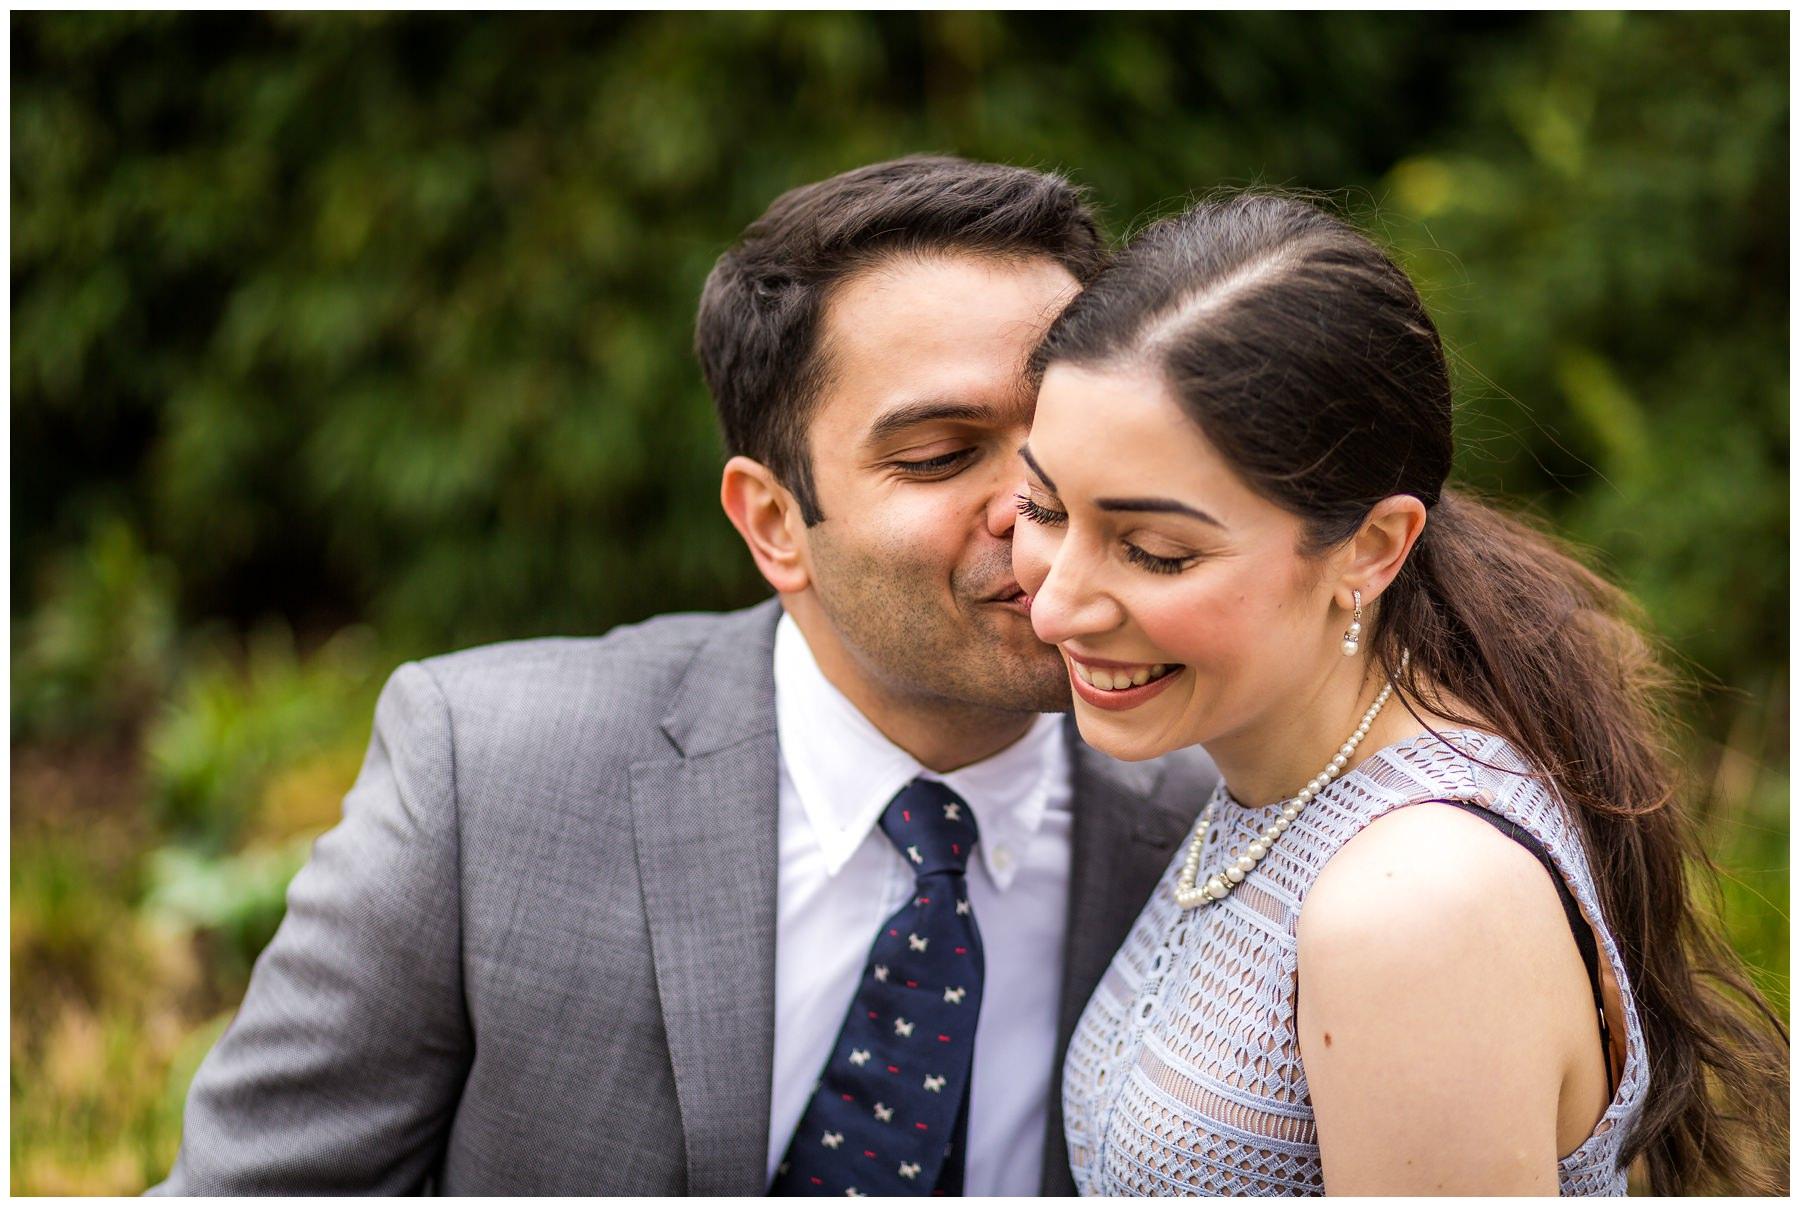 groom kissing brides cheek, close up